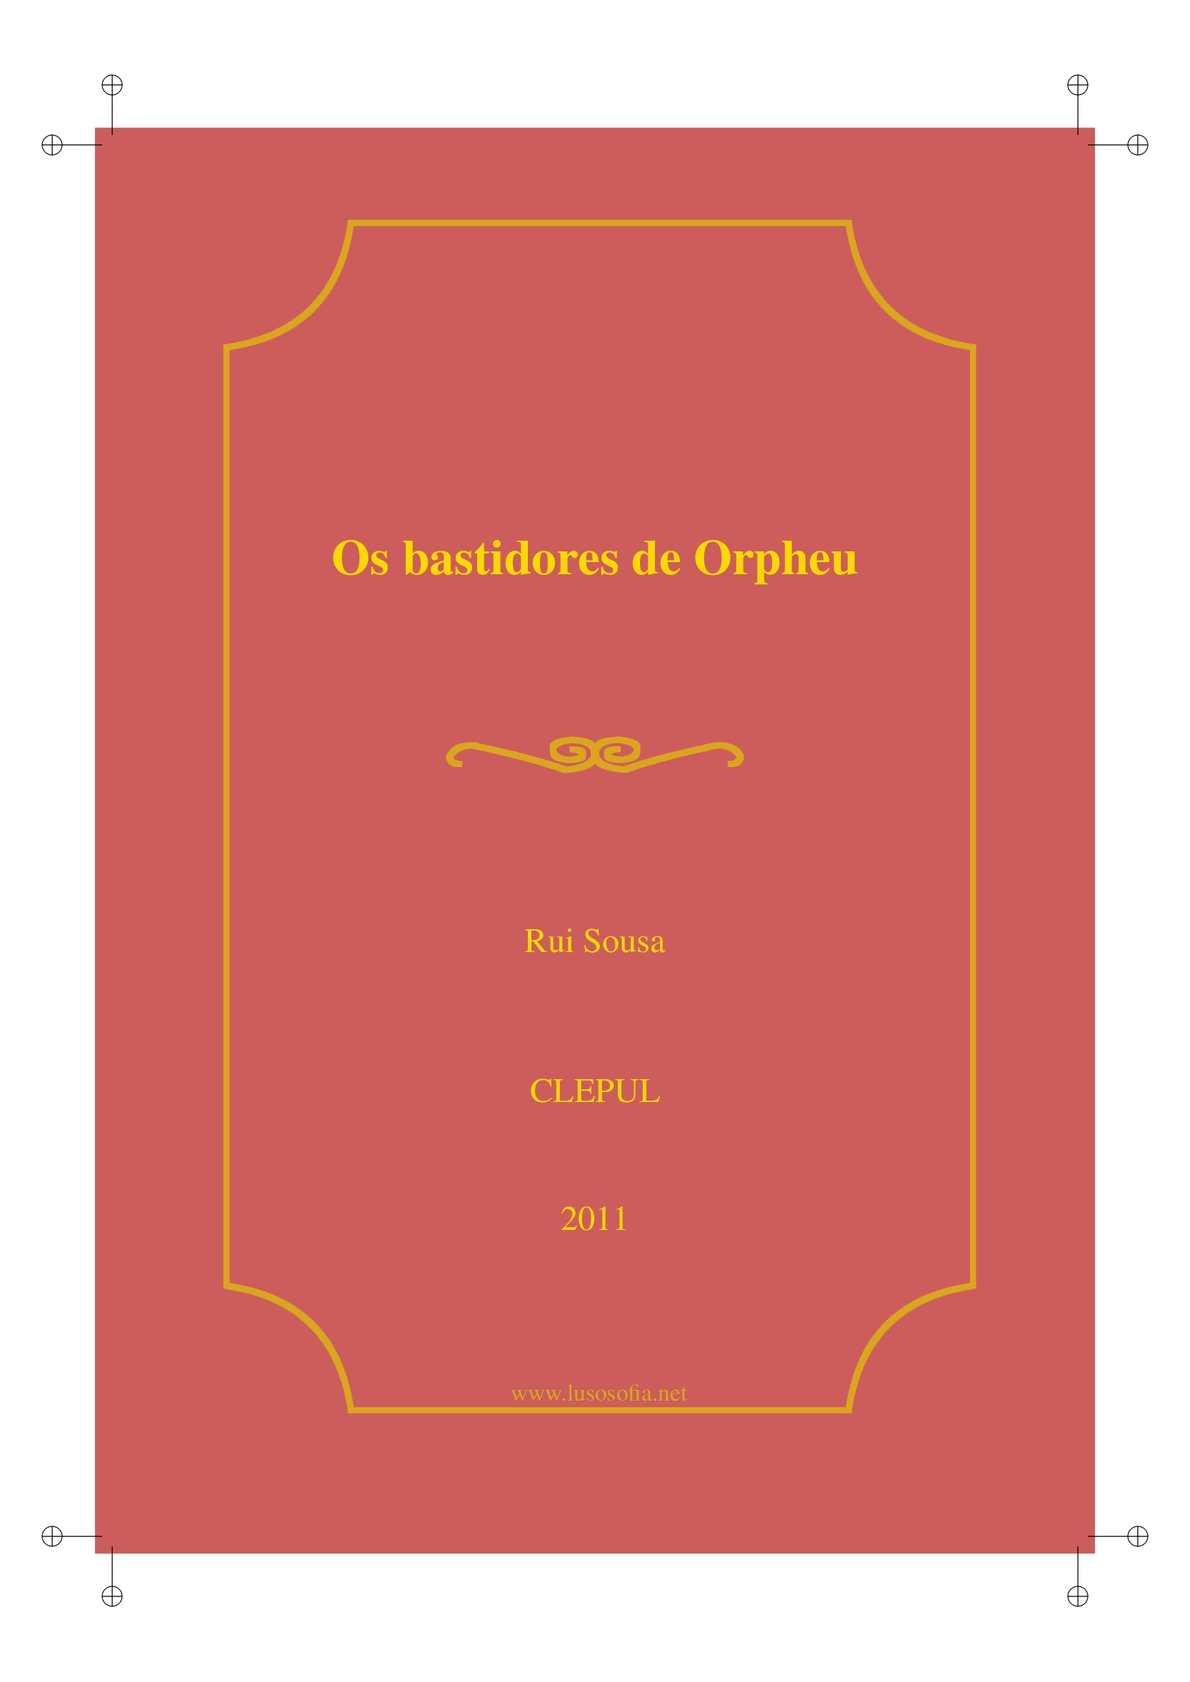 Os bastidores de Orpheu